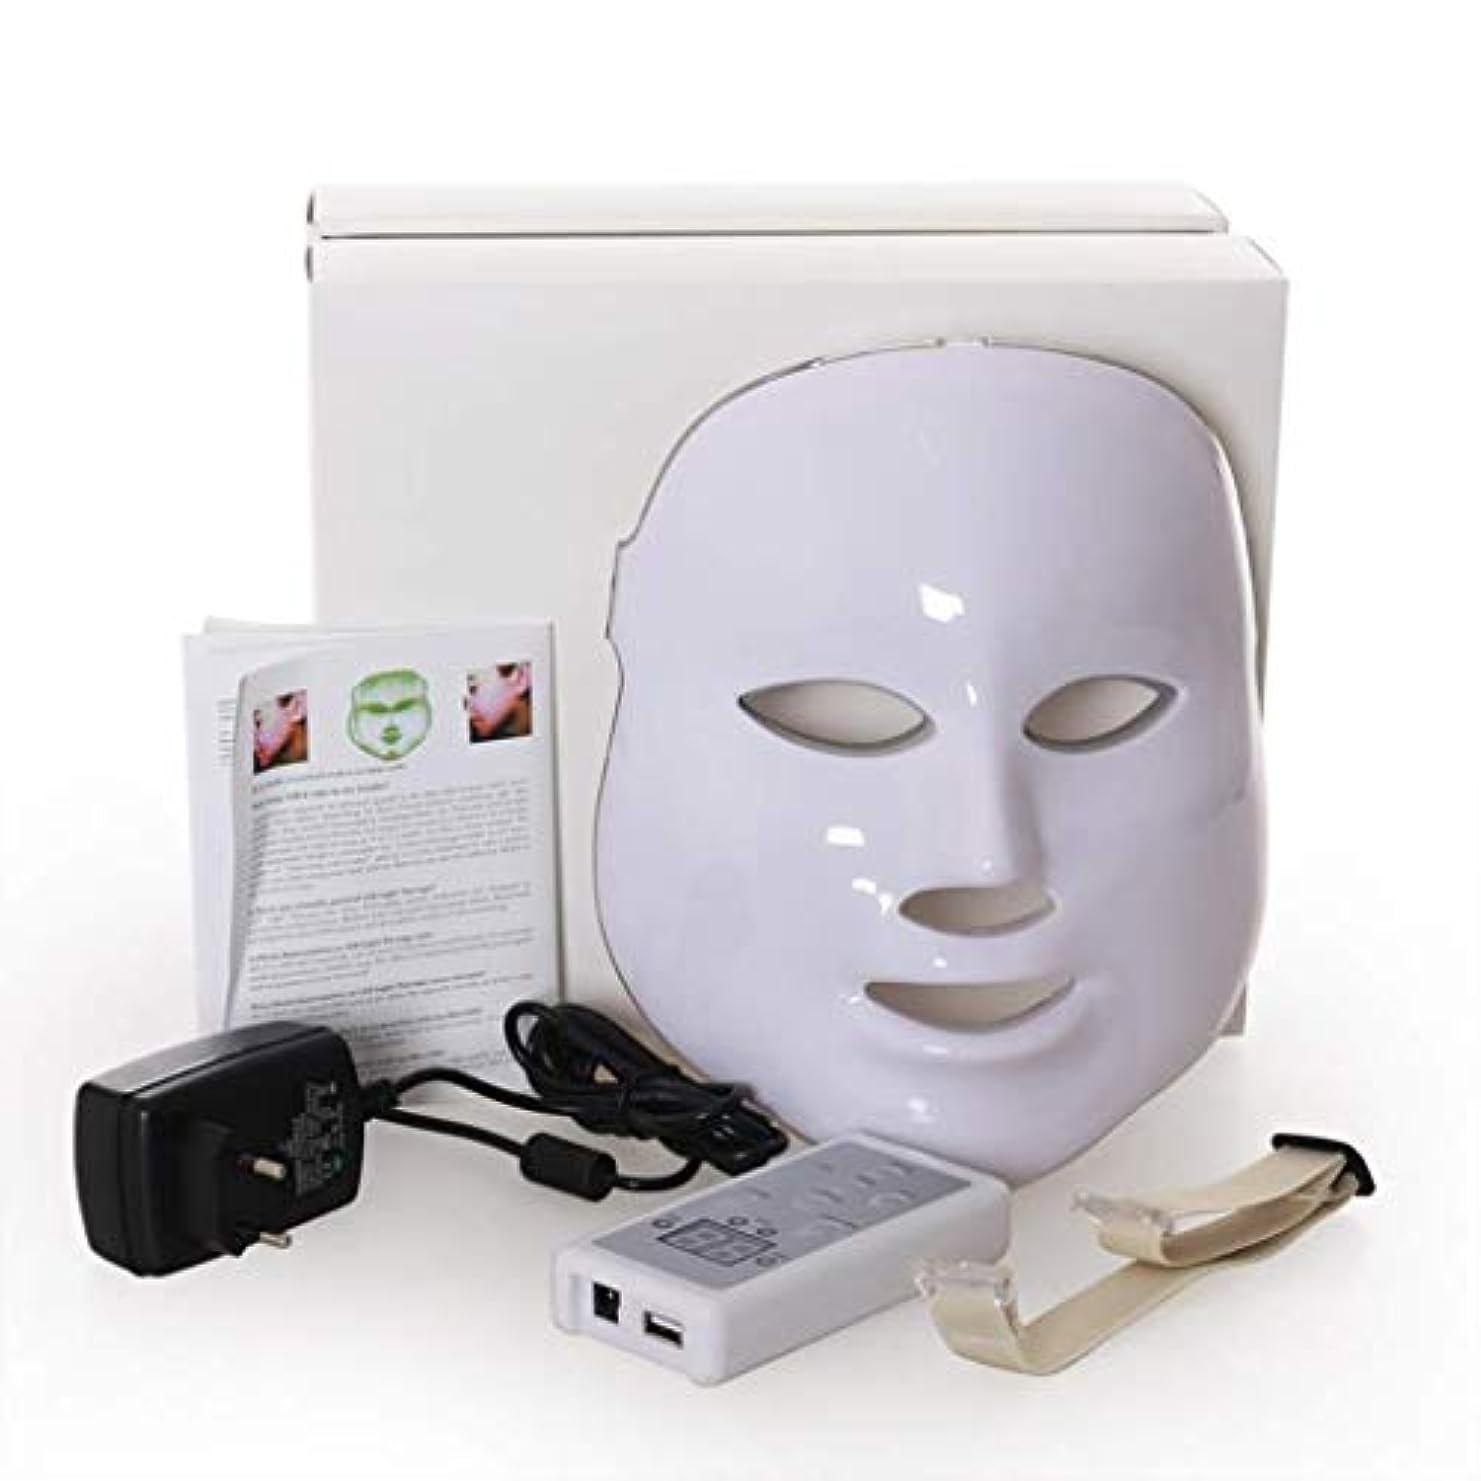 しばしば葡萄シールフェイシャルビューティーインストルメント、7色LED光線療法フェイシャルスキンマスク、しわ、ニキビ、シミ、肌の若返りコラーゲン、アンチエイジングビューティーマスクを減らす